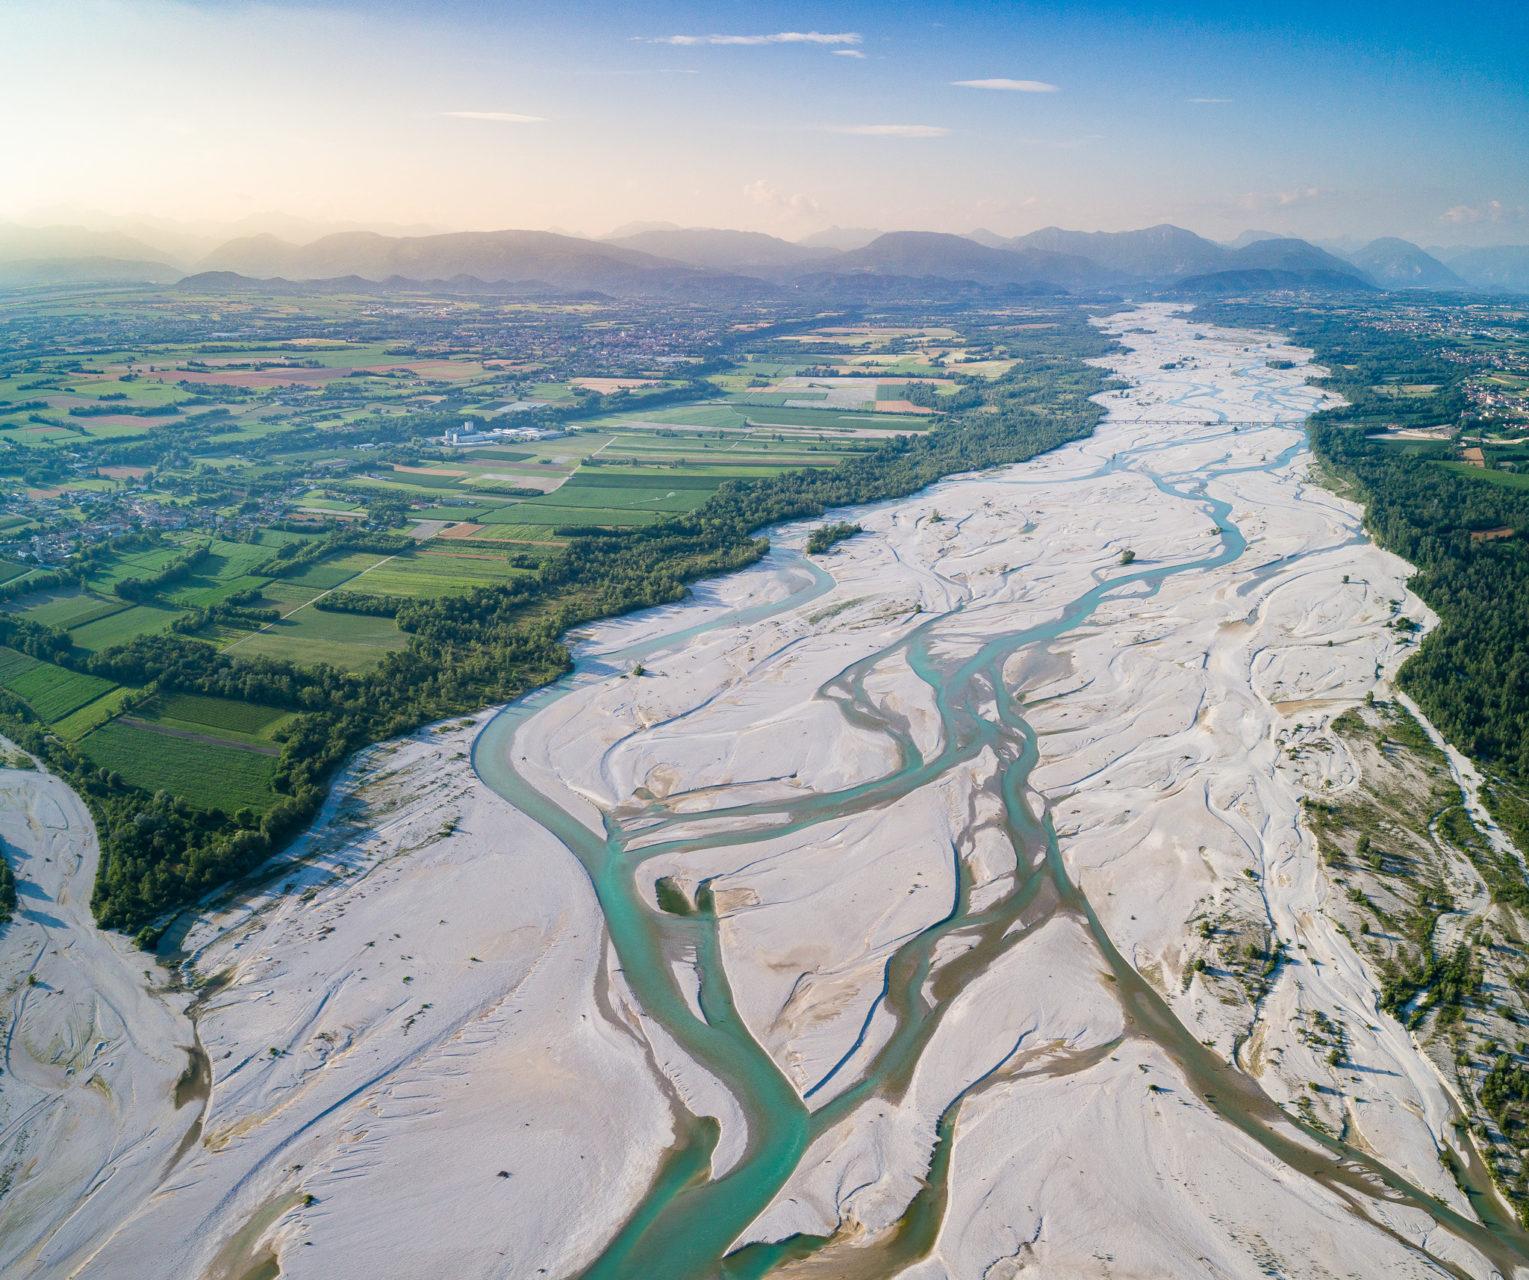 Il Fiume Tagliamento ripreso dall'alto, foto panoramica